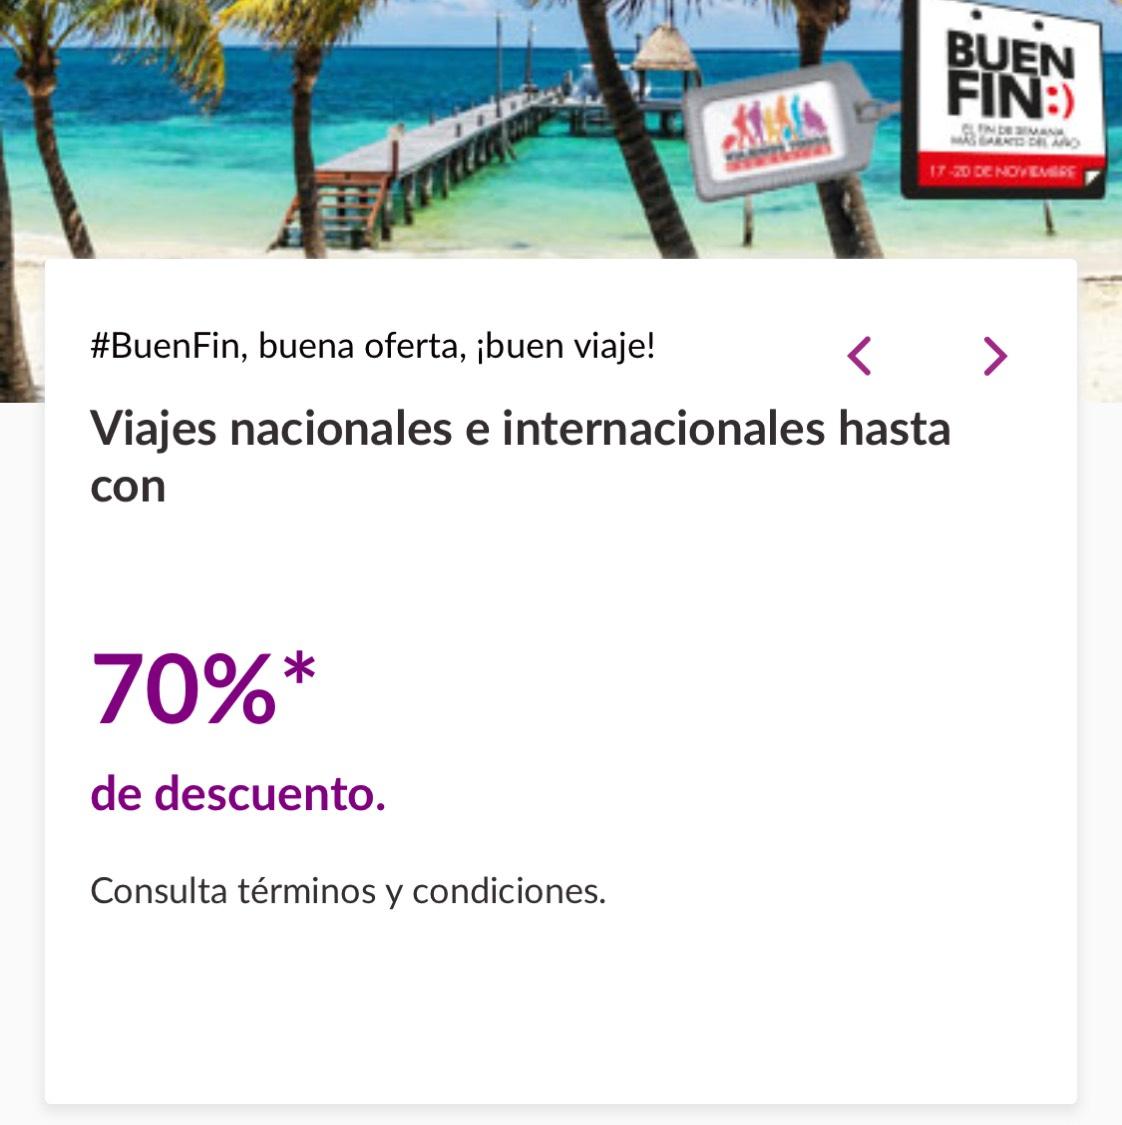 Volaris Viajes nacionales e internacionales hasta con 70%* de descuento.